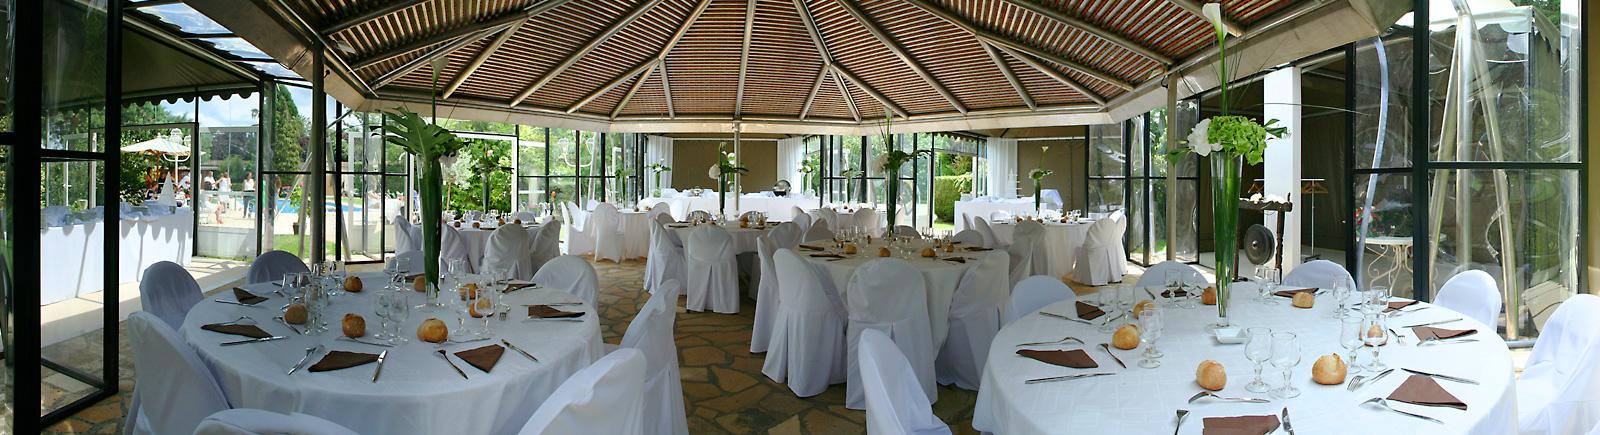 location salle mariage seine et marne pas cher